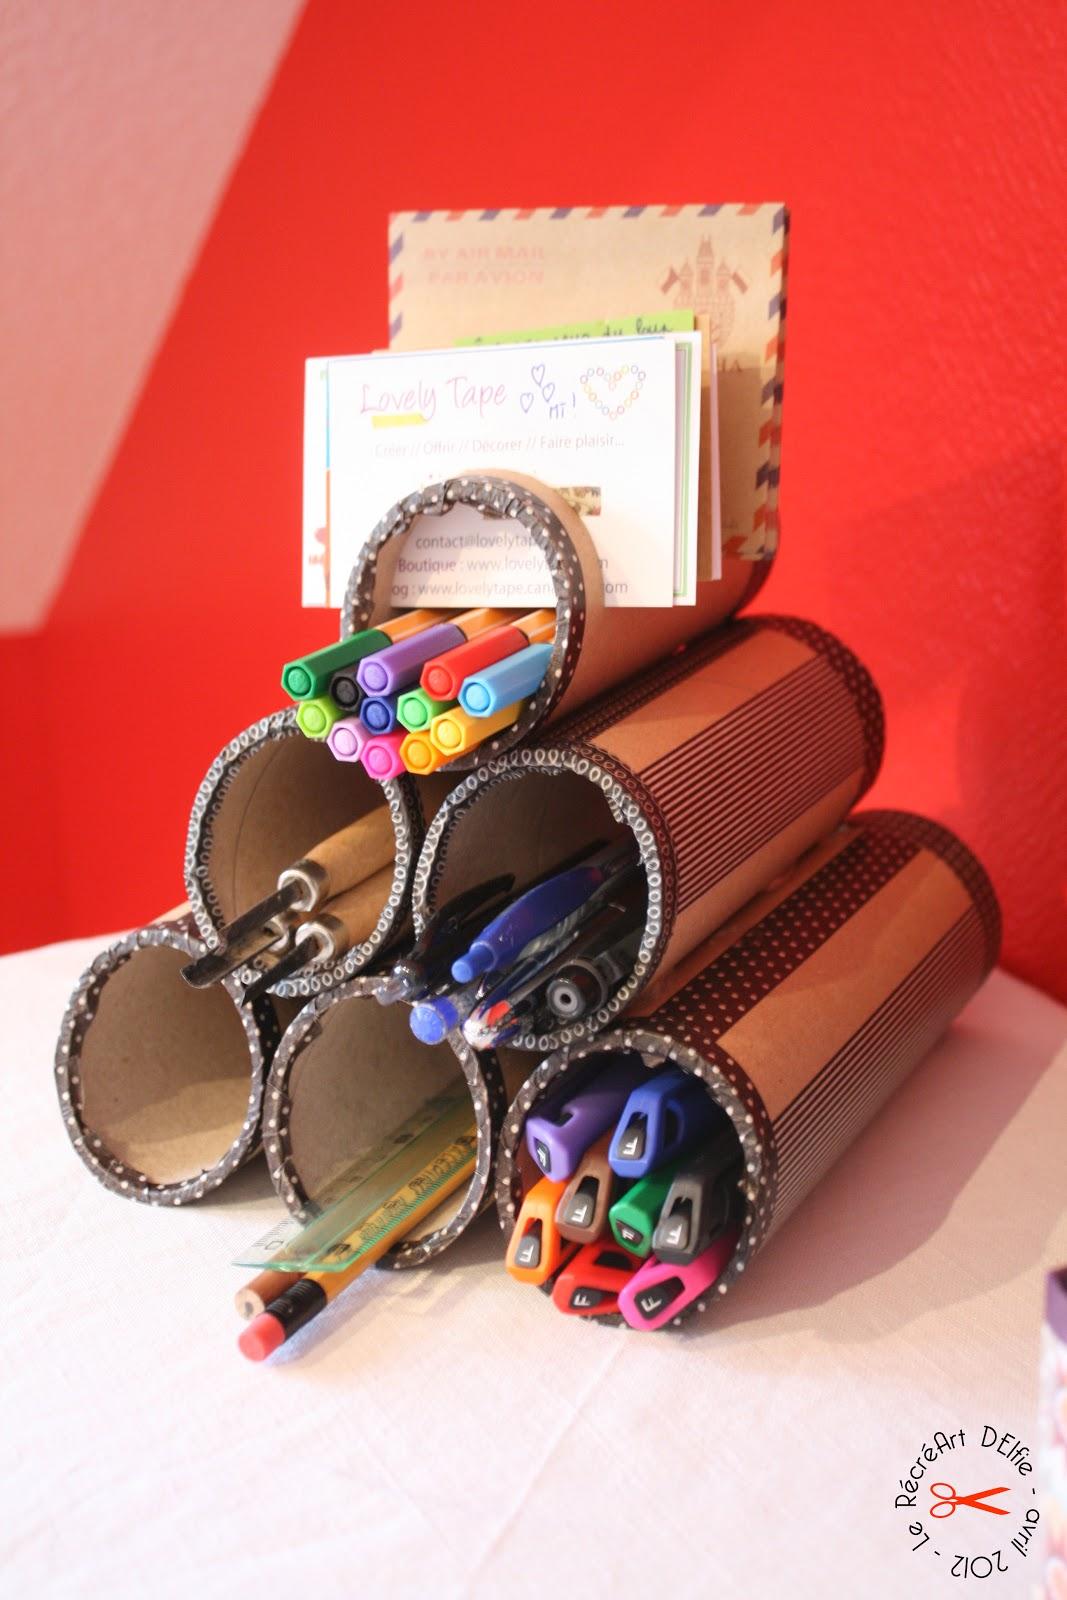 le r cr art delfie diy rangement pour crayons avec masking tape. Black Bedroom Furniture Sets. Home Design Ideas